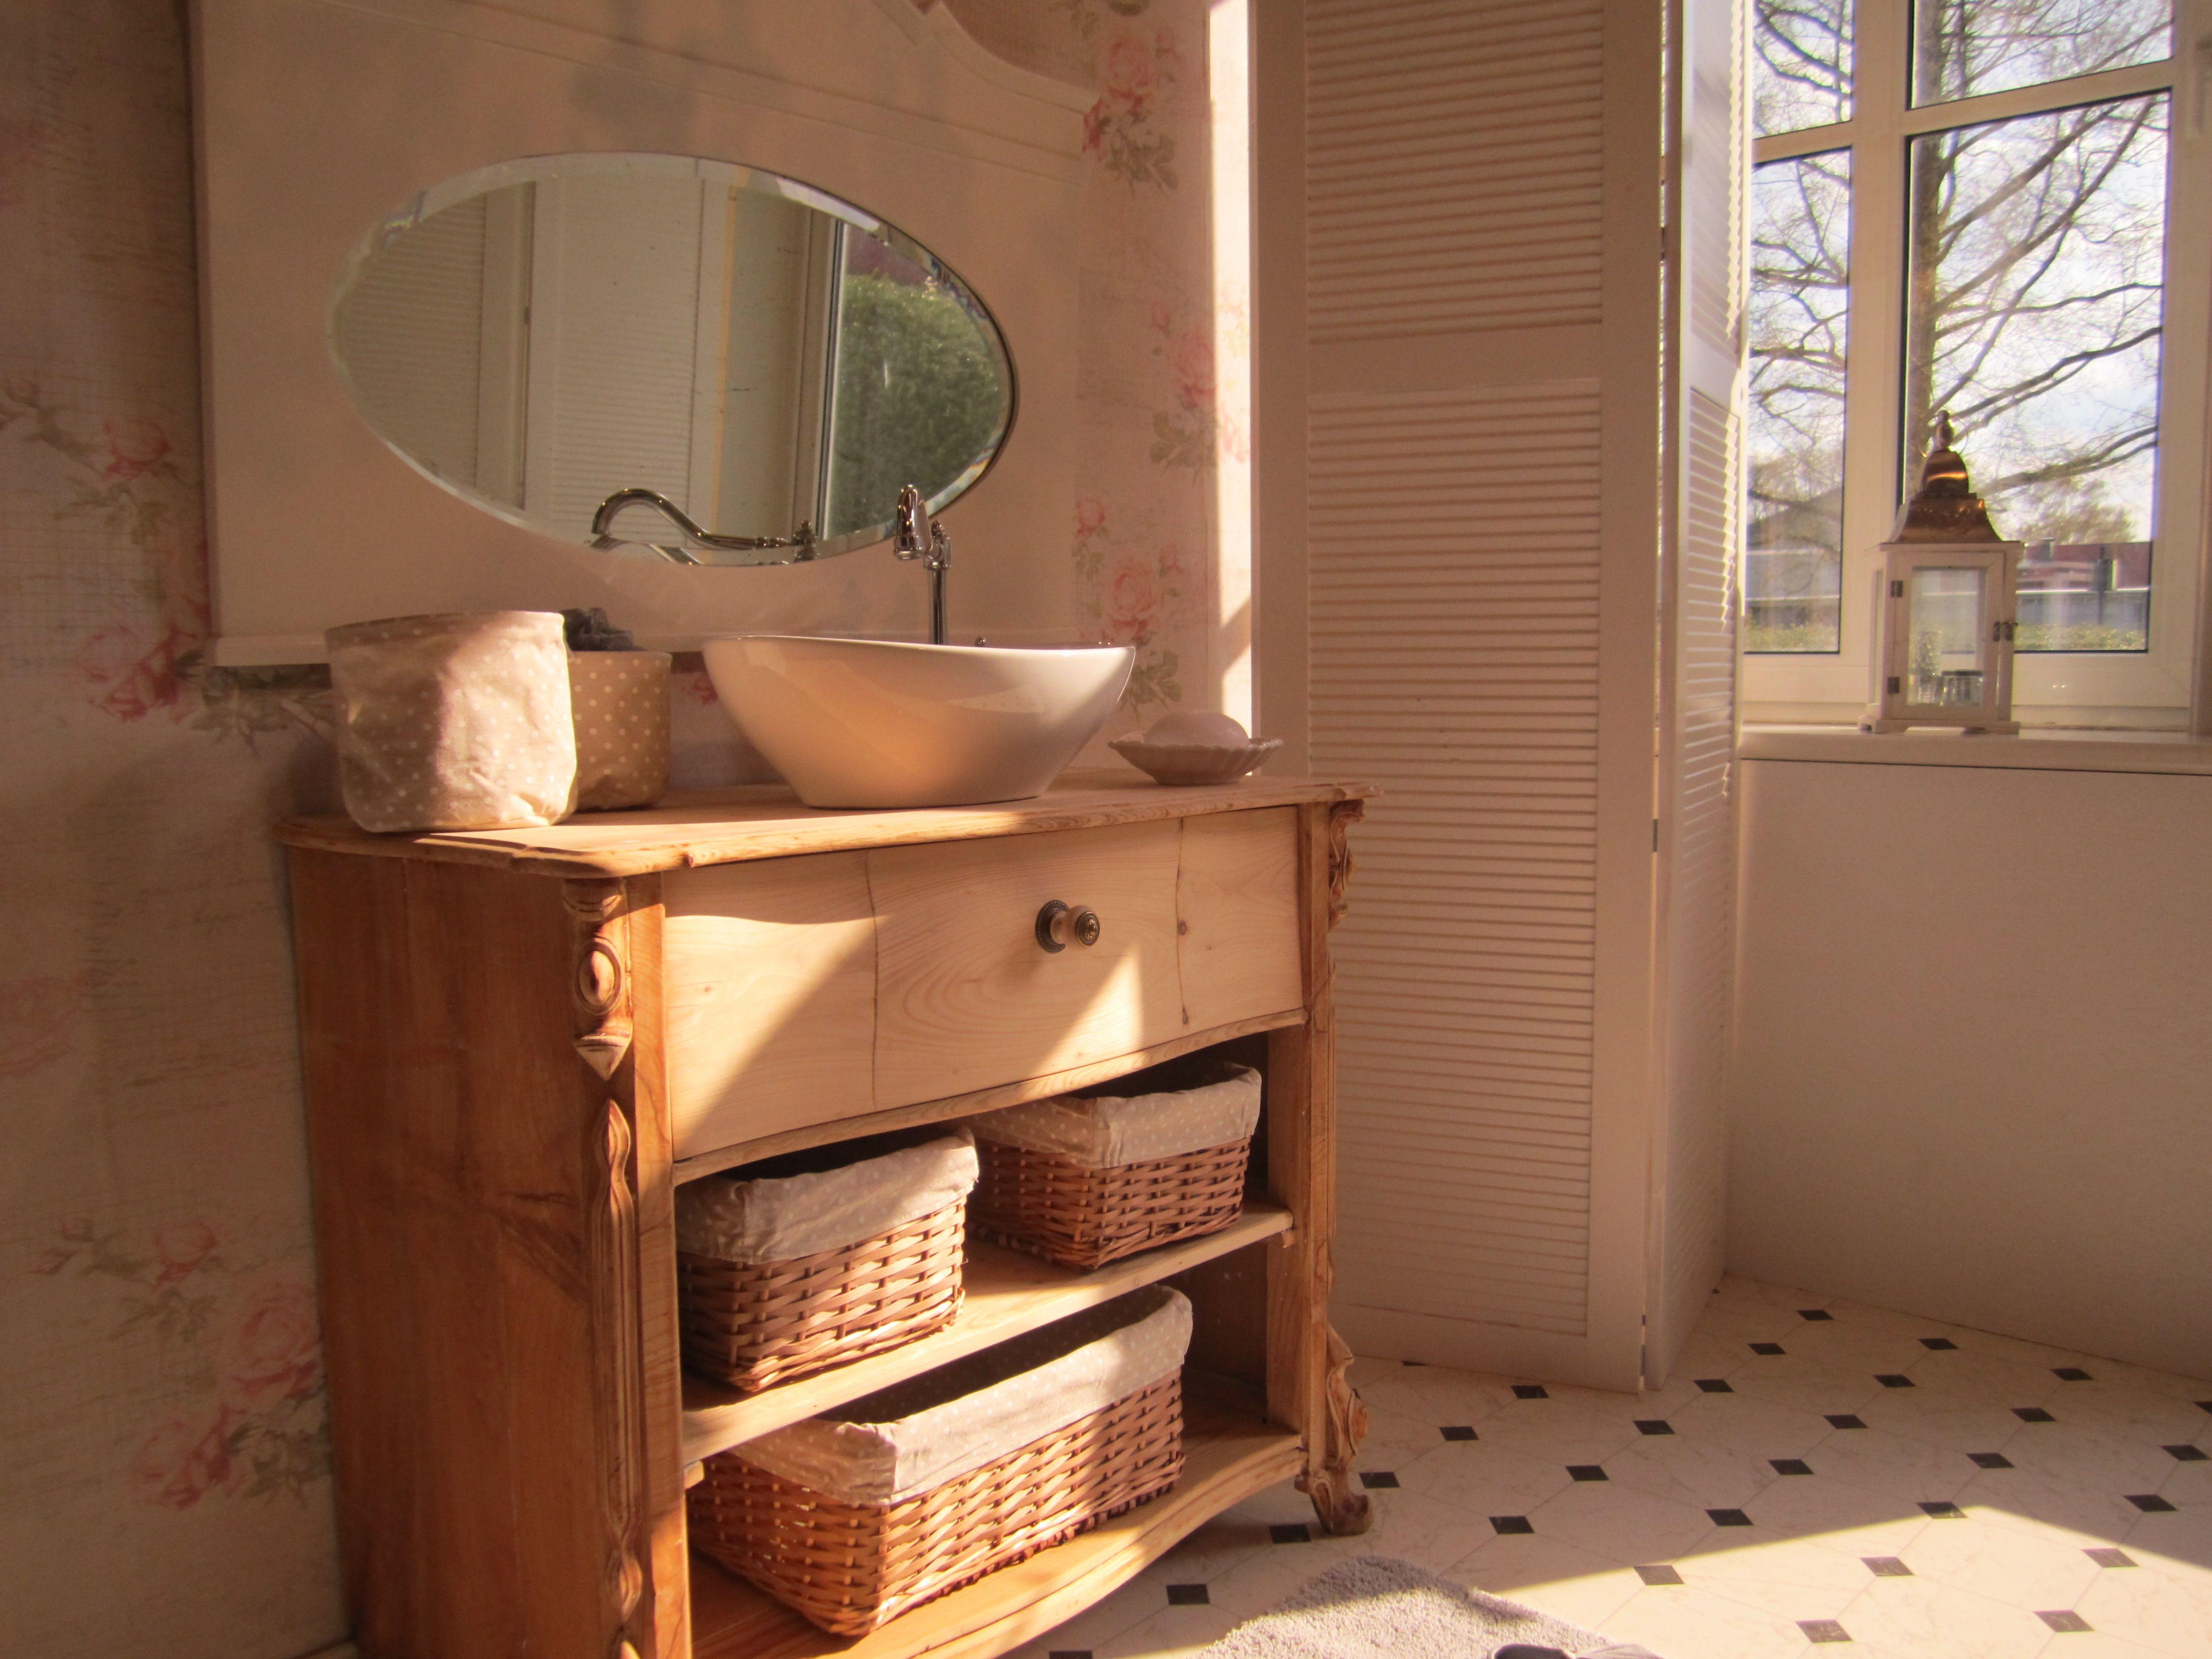 Vollholz Badmöbel badmöbel landhaus ein antiker waschtisch aus vollholz der an den